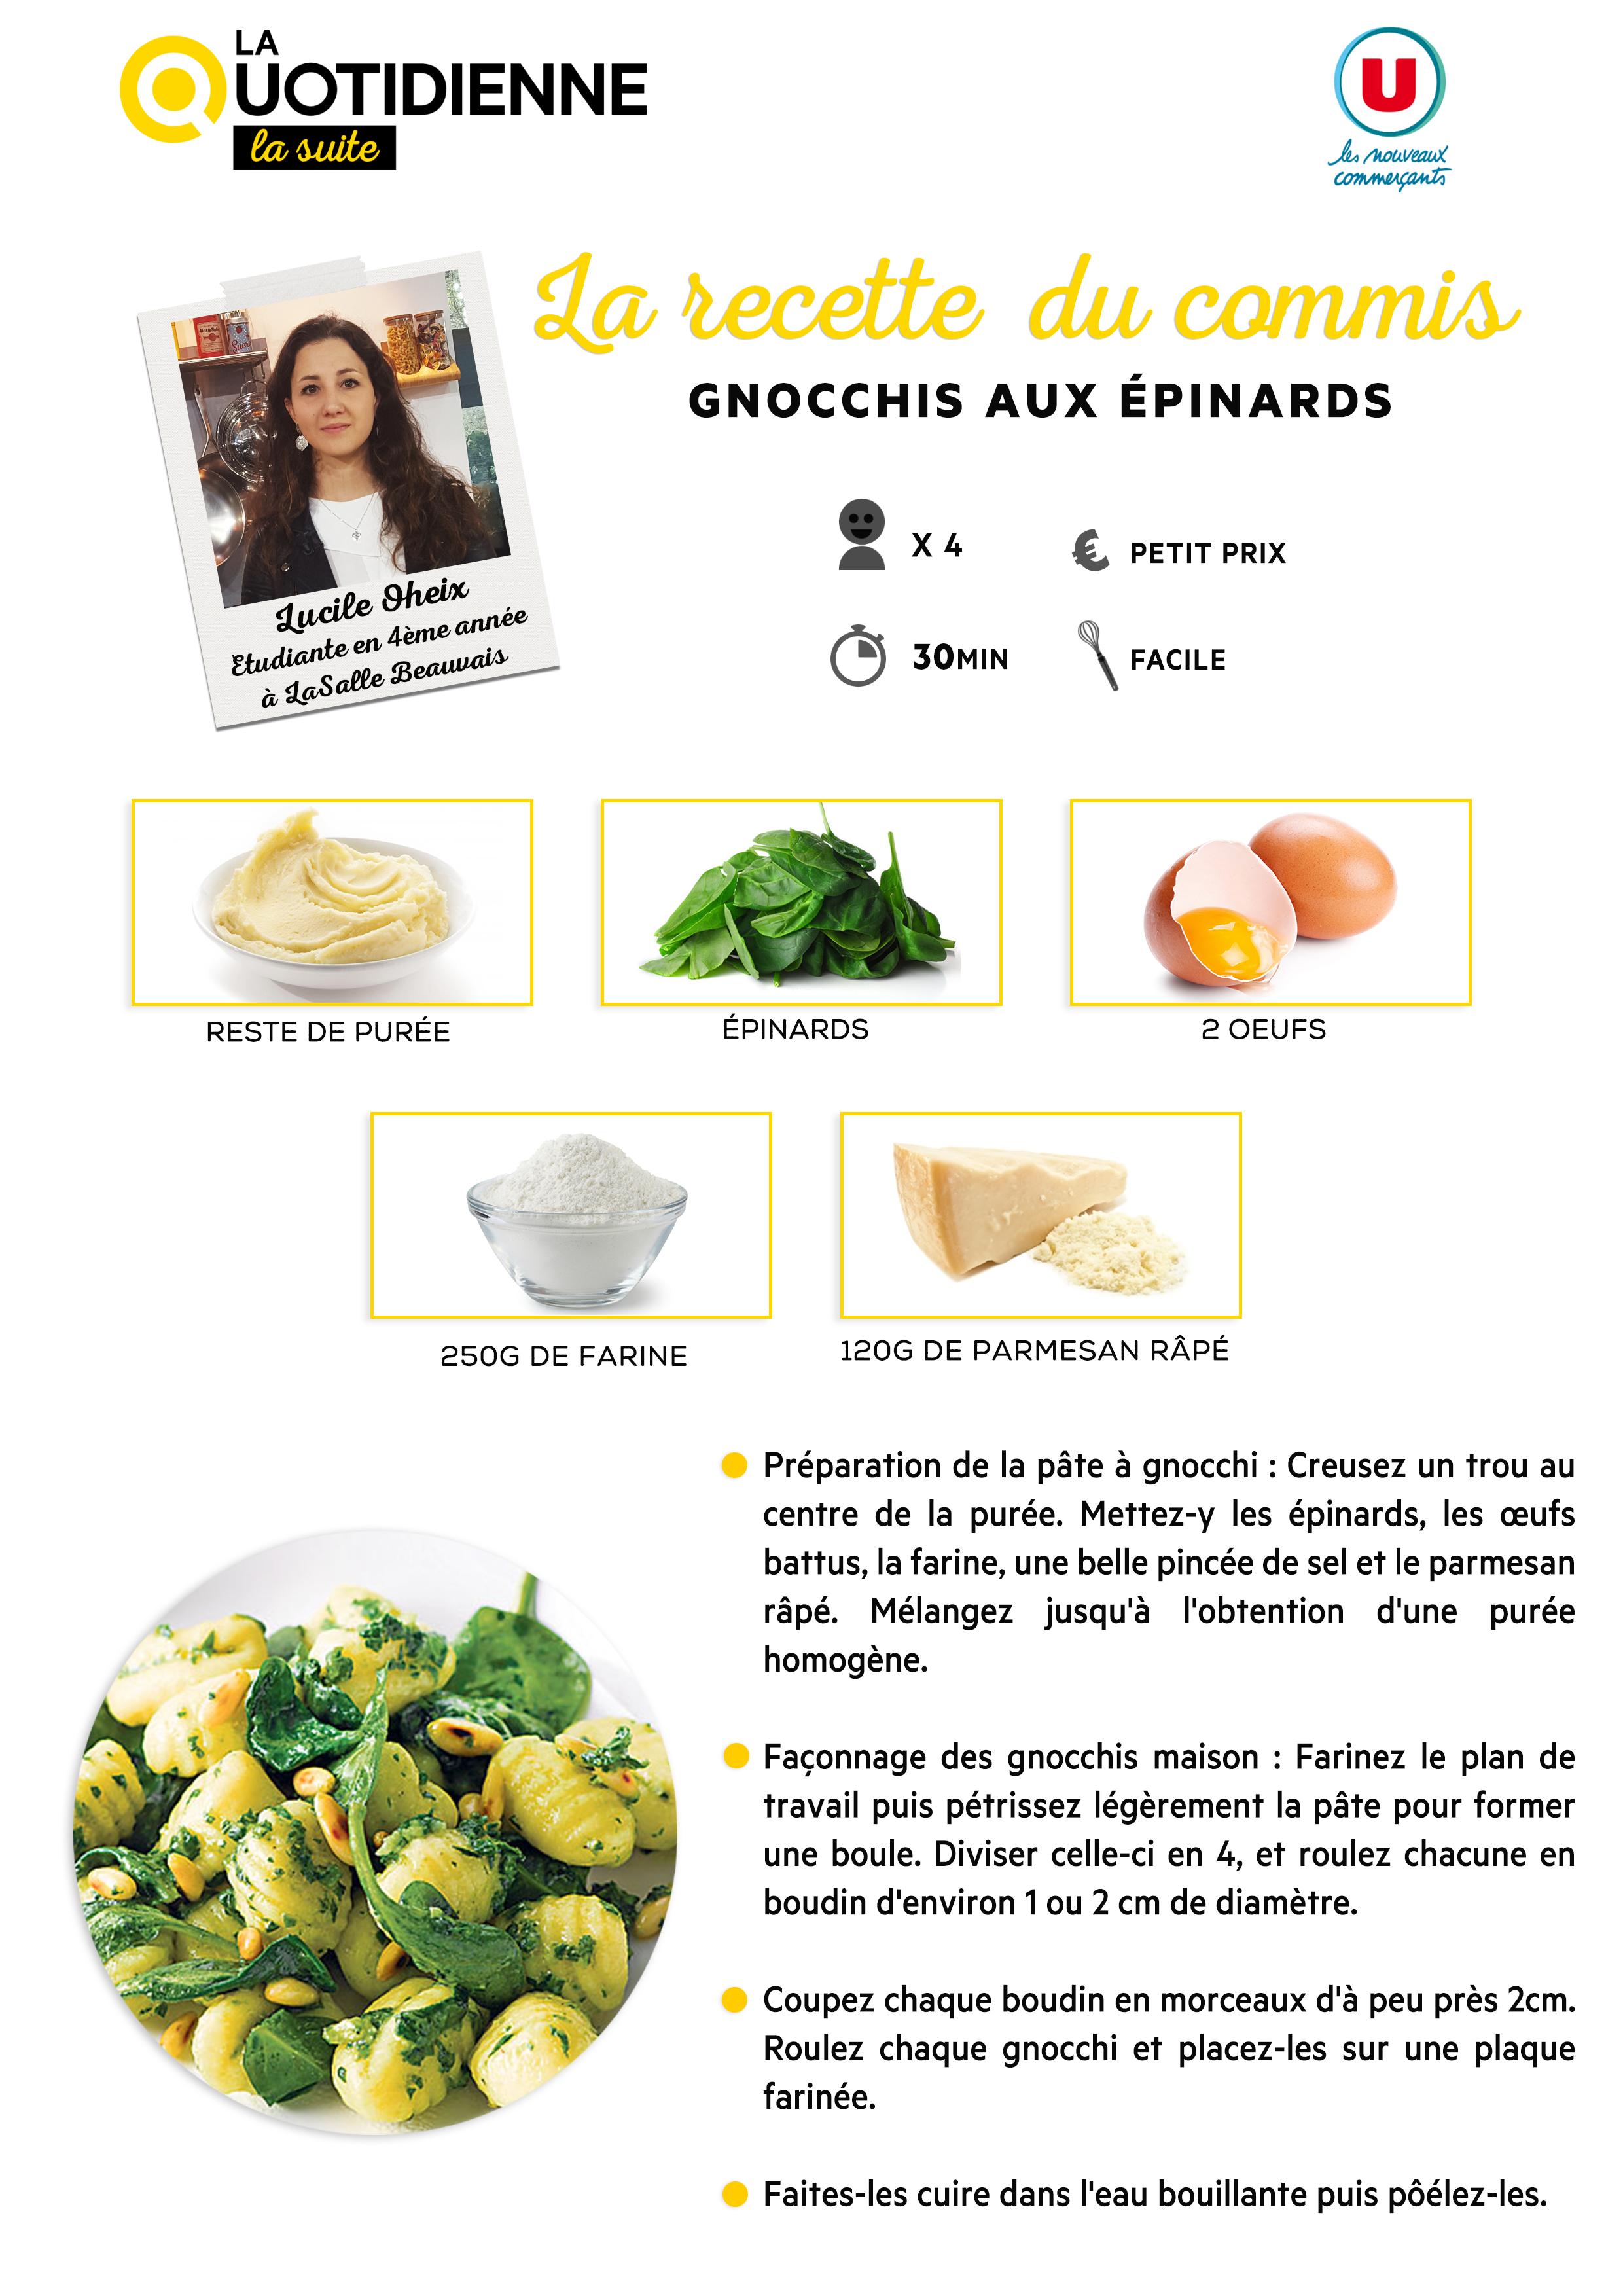 Les recettes la quotidienne la suite france 5 cuisine quotidienne pinterest beauvais - Recette cuisine quotidienne ...